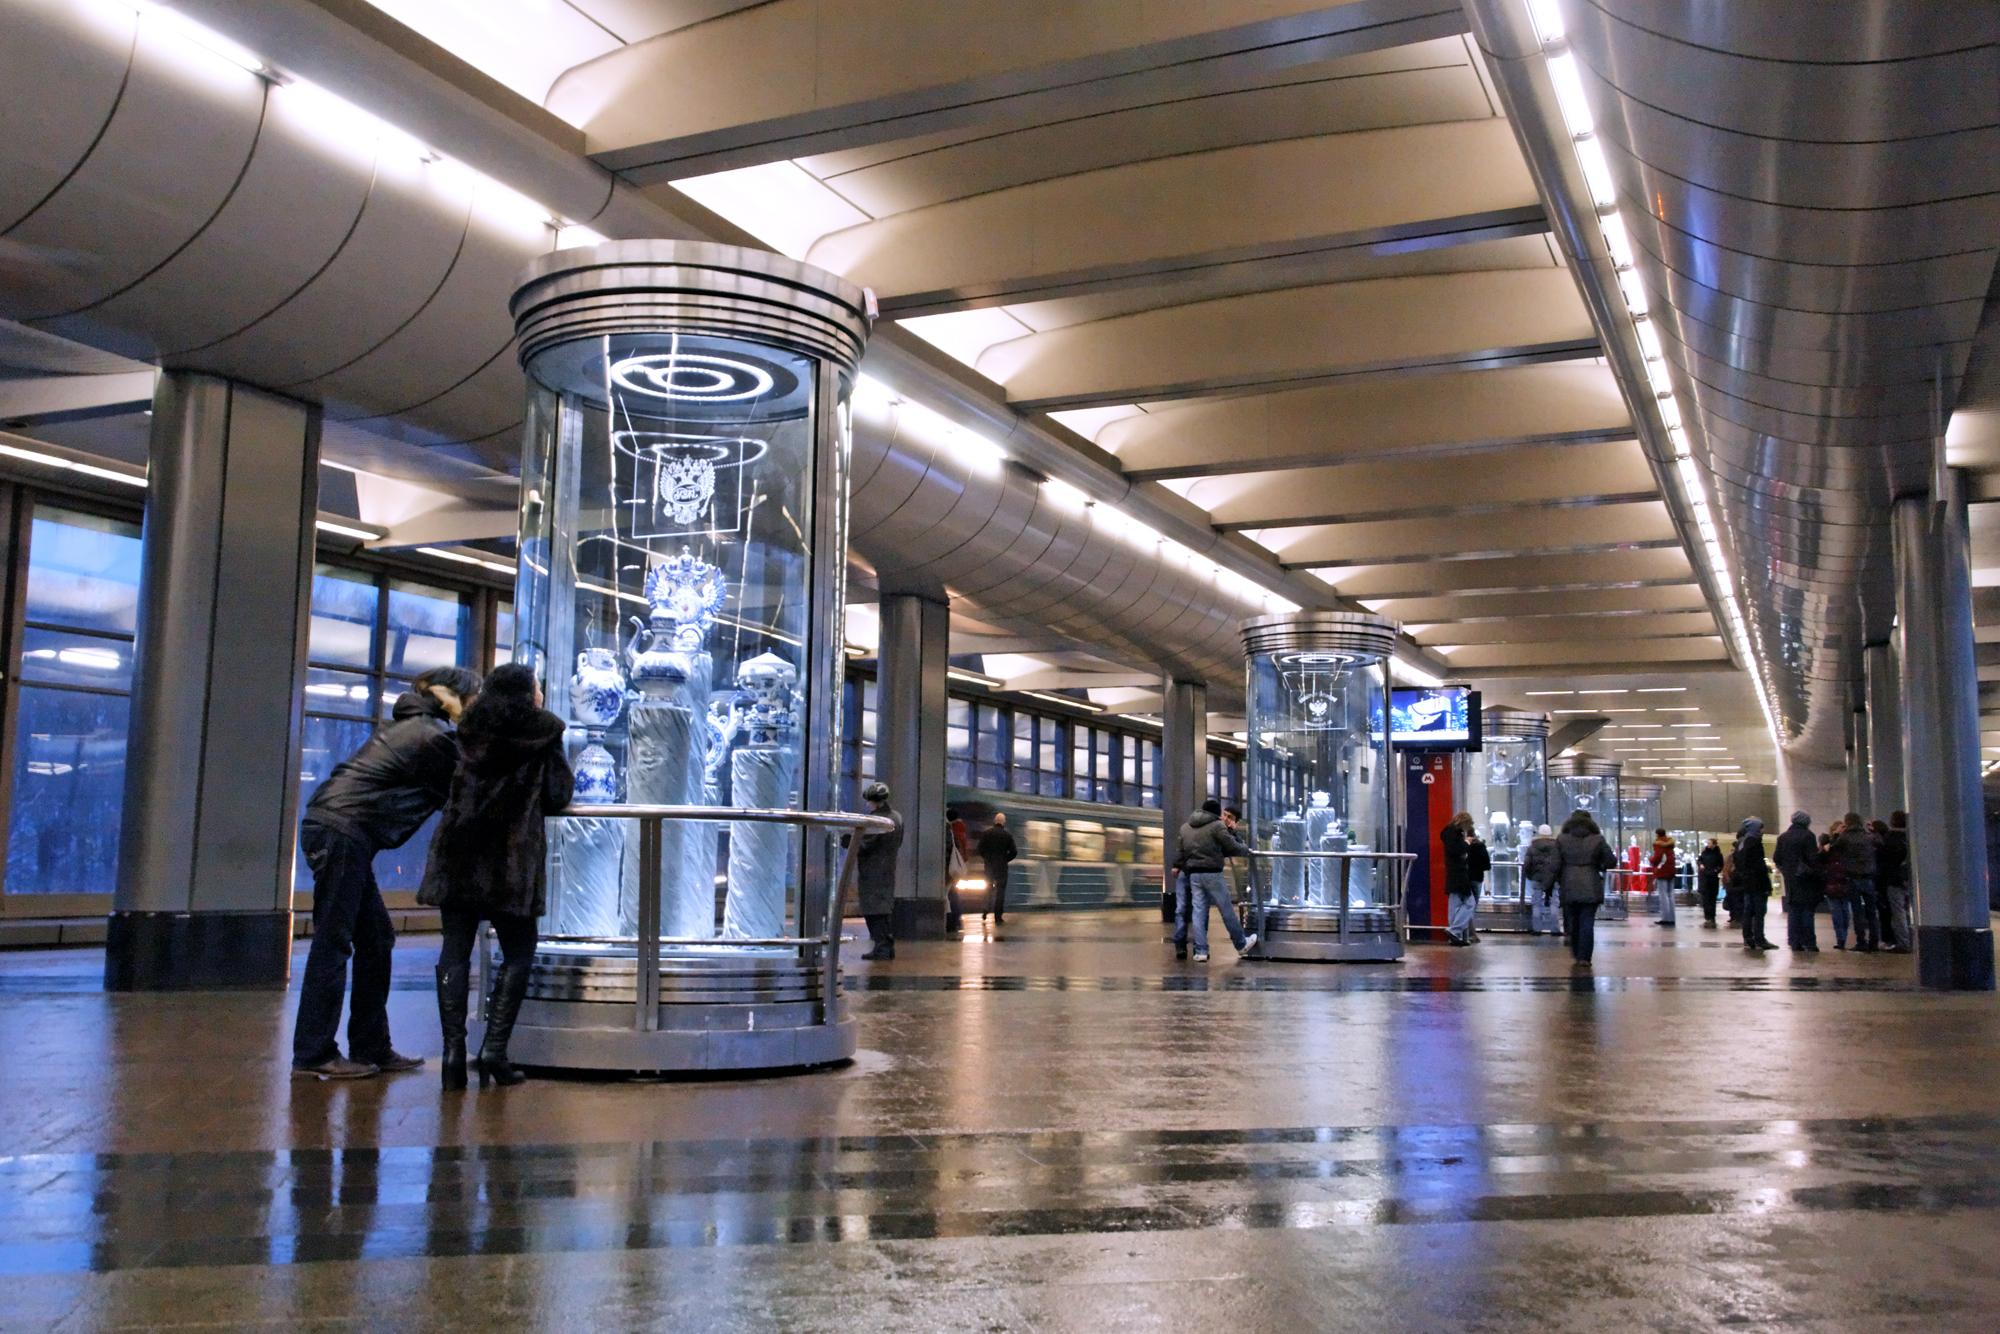 Миллиард рублей потратит московский метрополитен на ремонт фасадов 14 станций